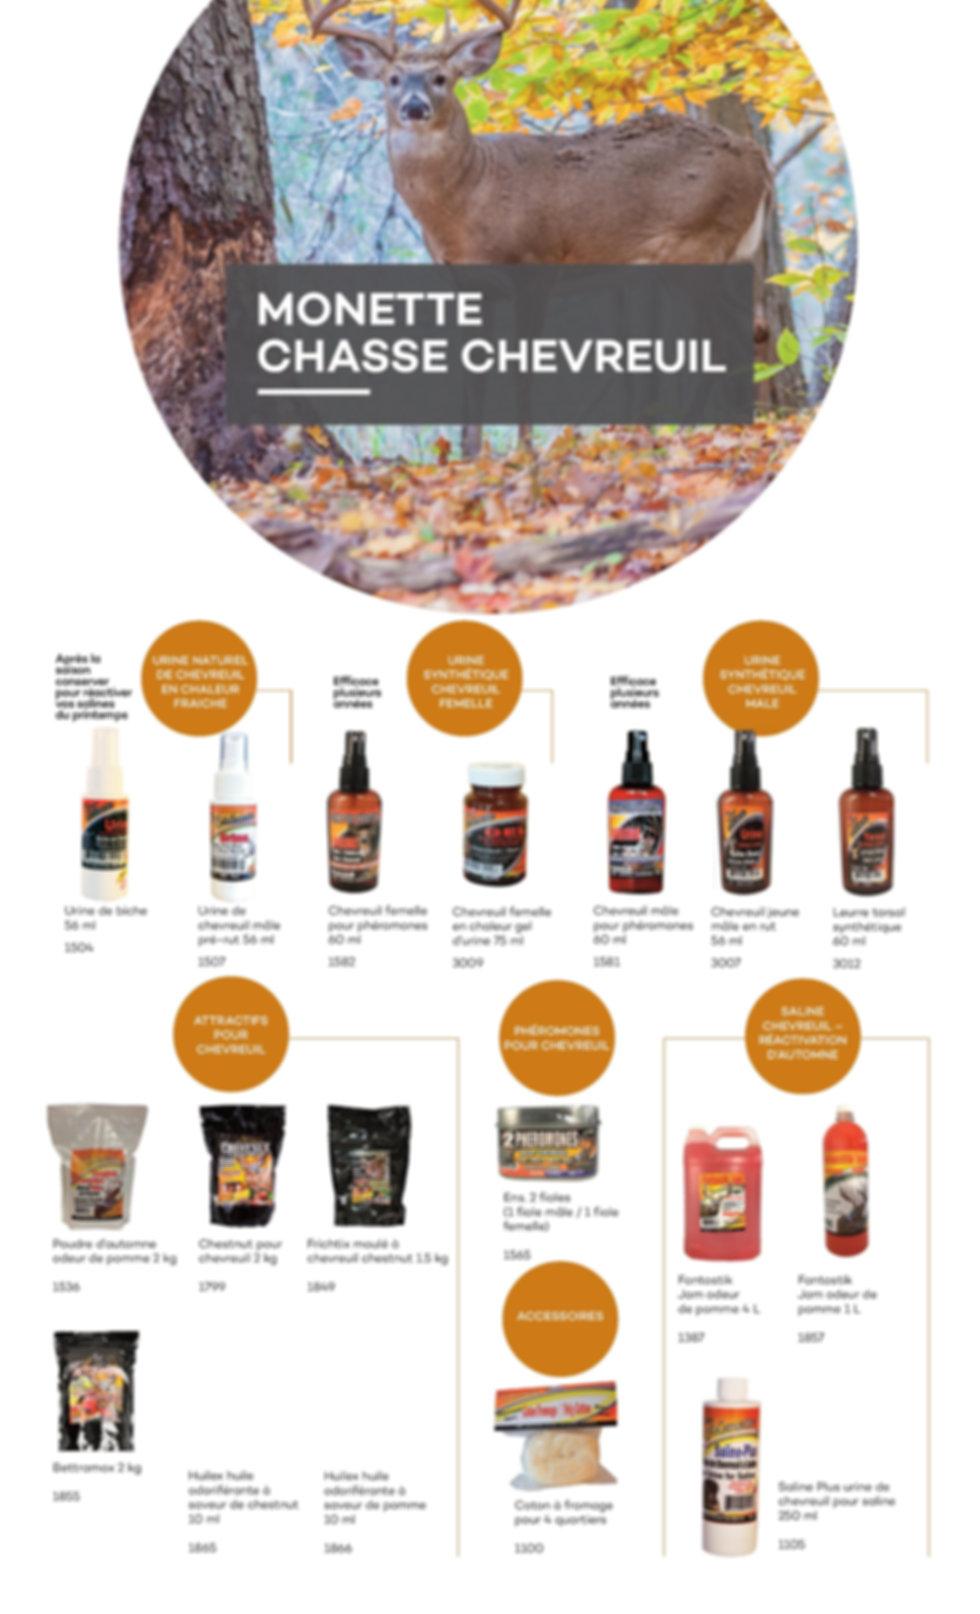 Monette Chasse Chevreuil.jpg